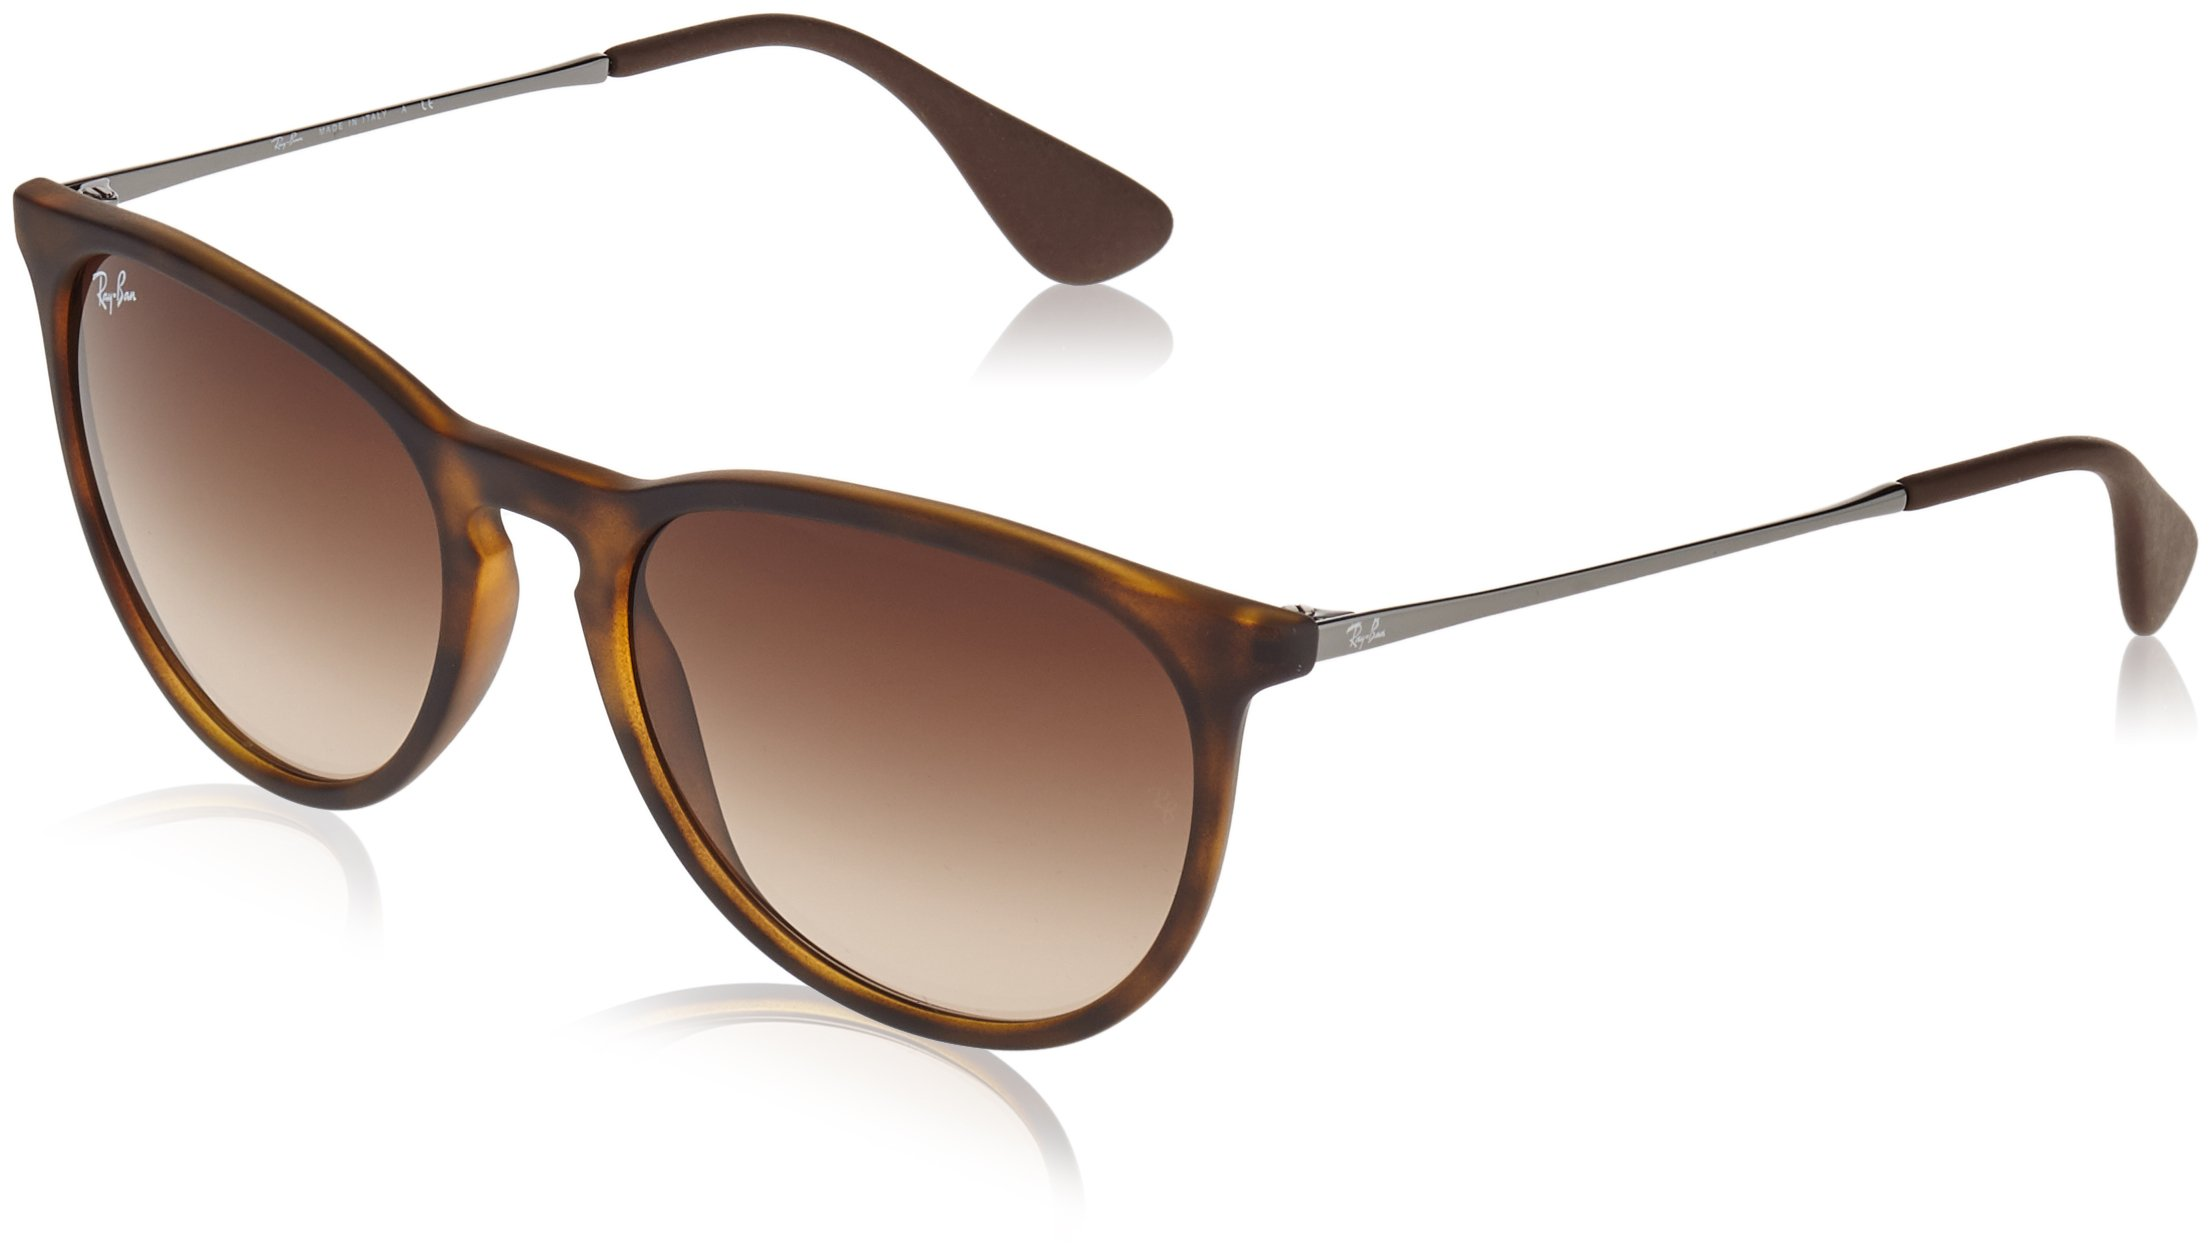 7d1982edef Mejor valorados en Gafas de sol para hombre & Opiniones útiles de ...